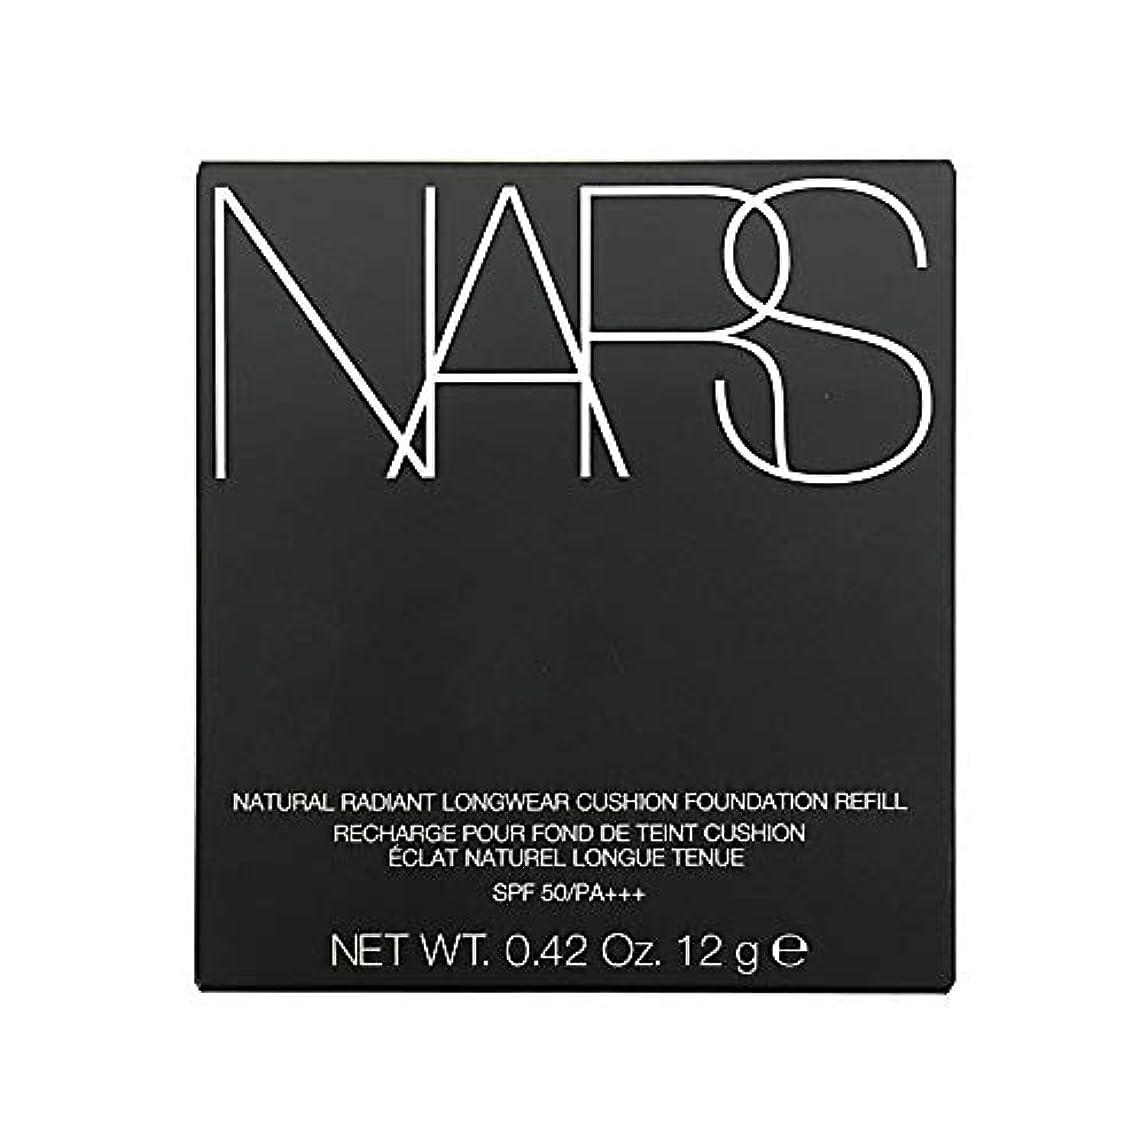 富全員取り囲むナーズ/NARS ナチュラルラディアント ロングウェア クッションファンデーション(レフィル)#5880[ クッションファンデ ] [並行輸入品]